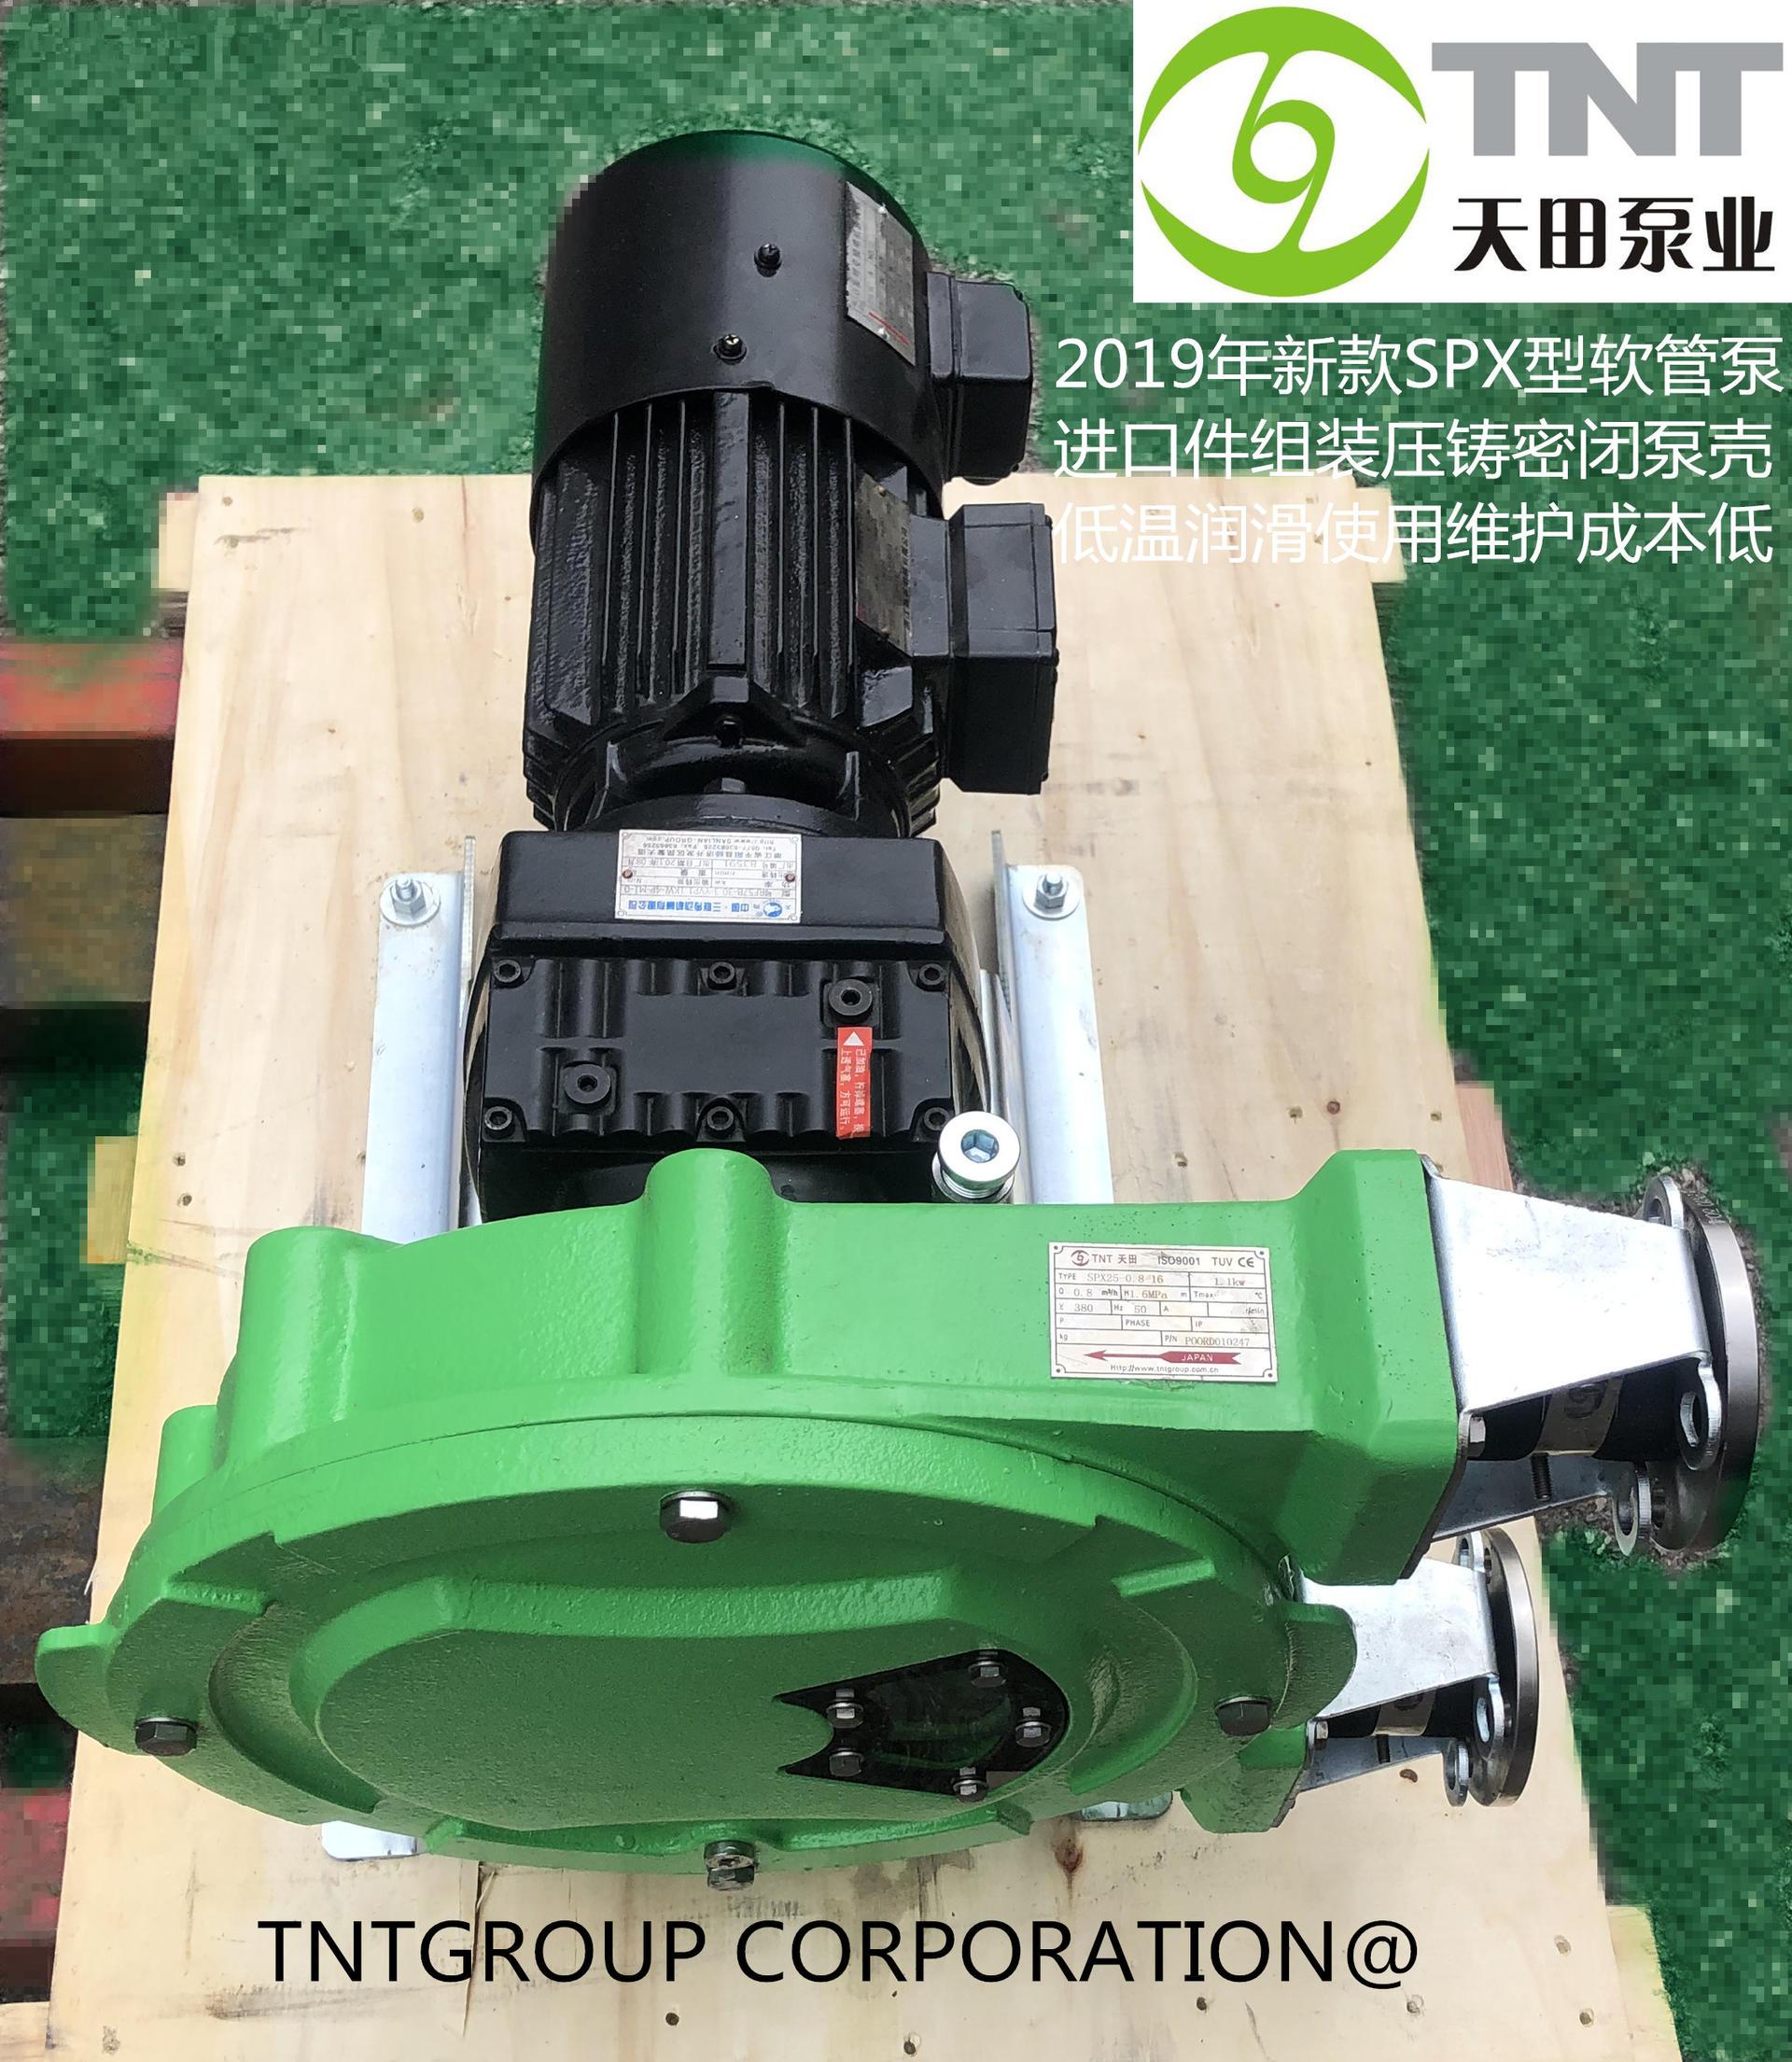 SPX25型工业软管泵_副本.jpg